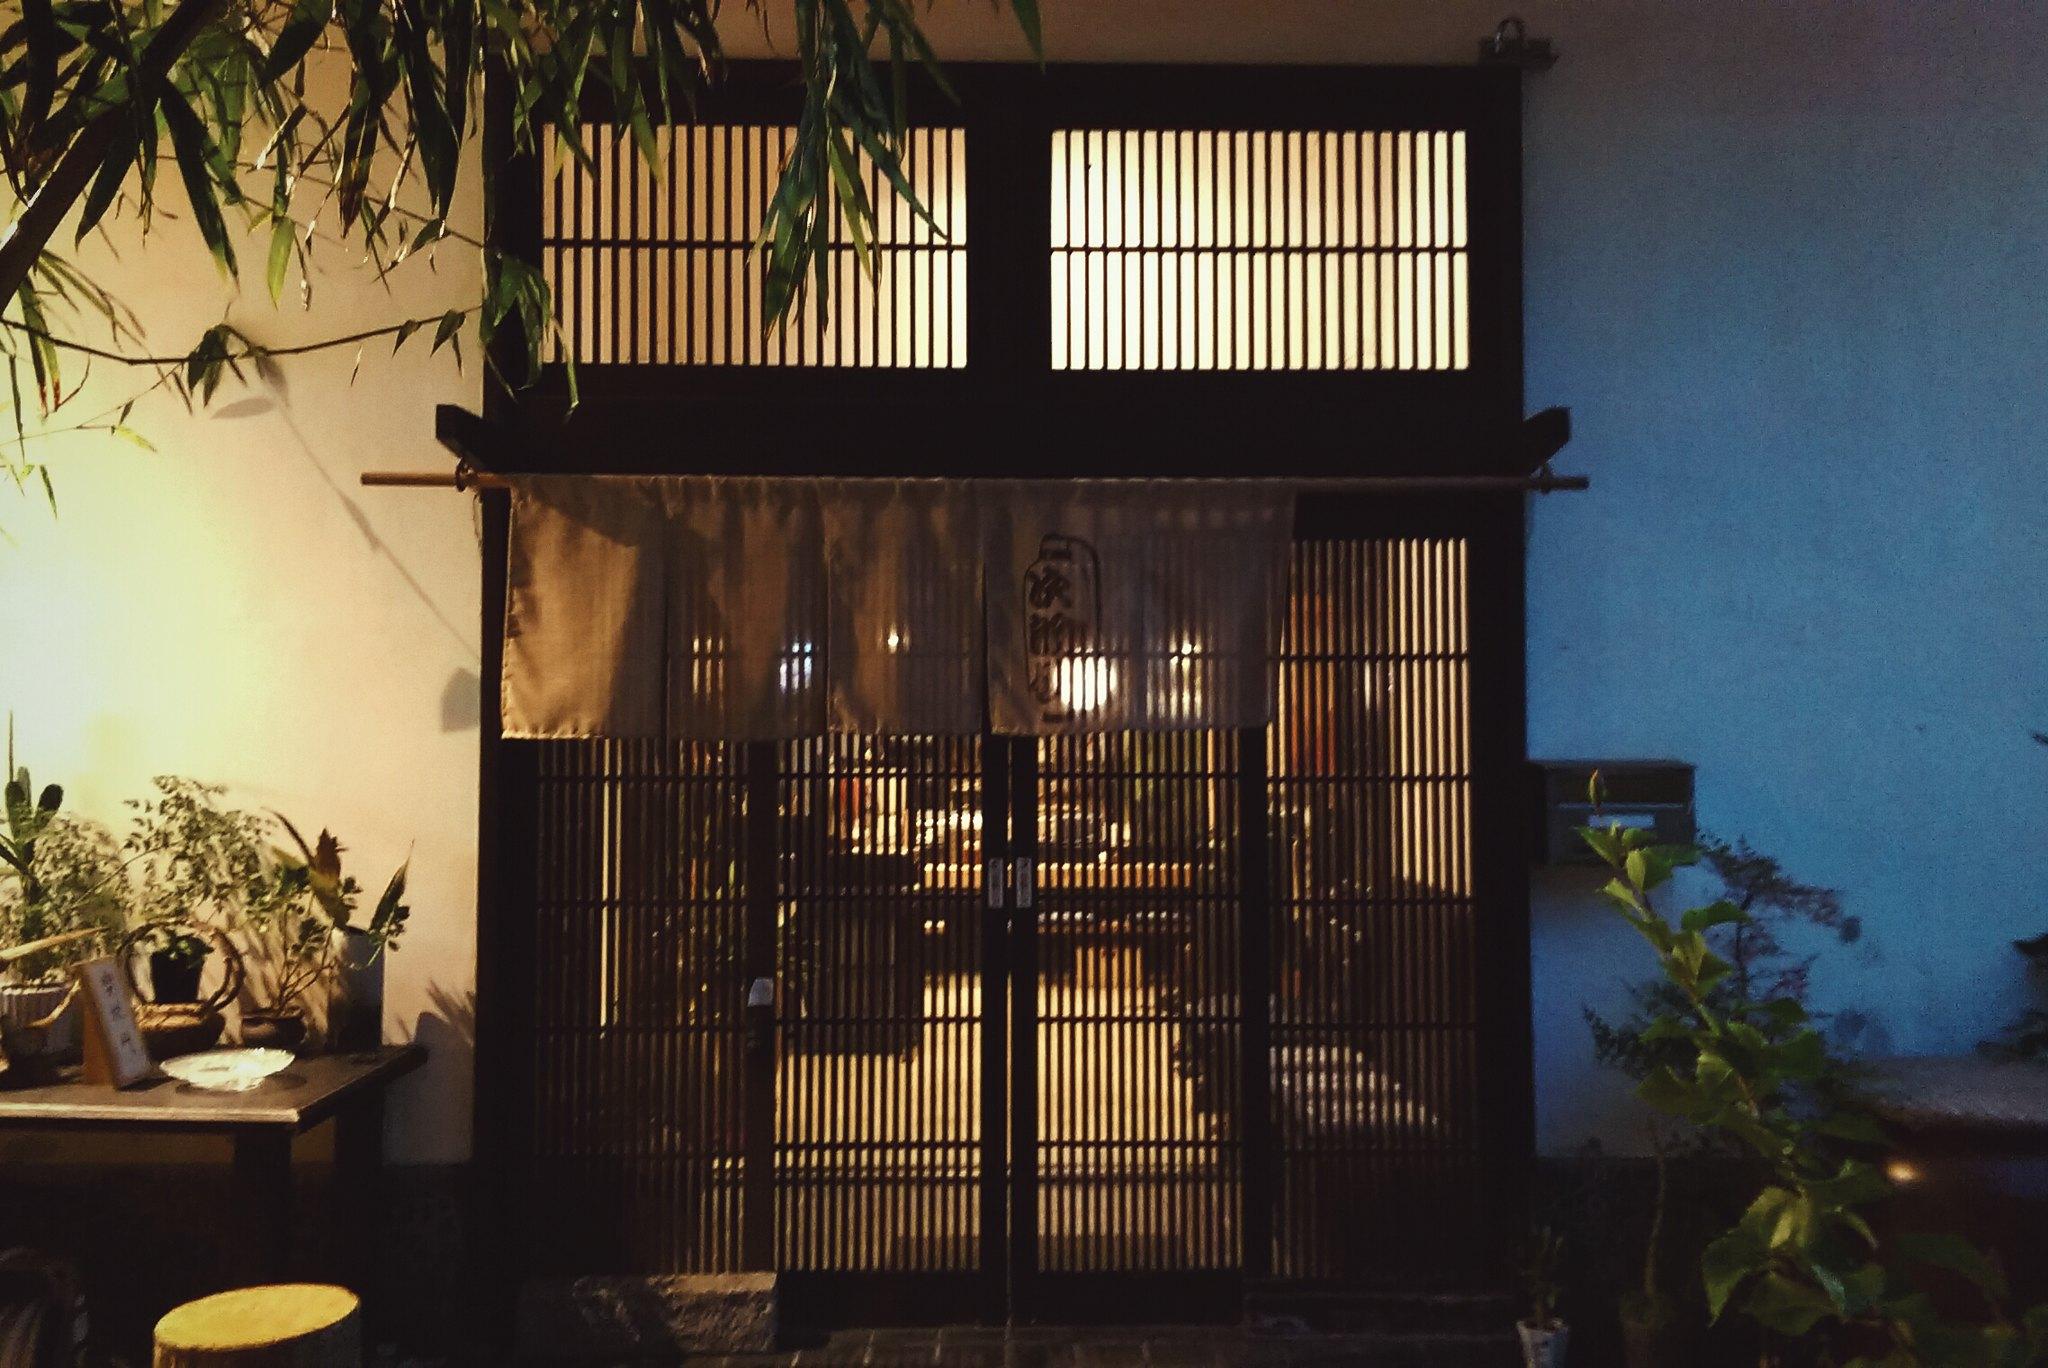 okinawa jirocho